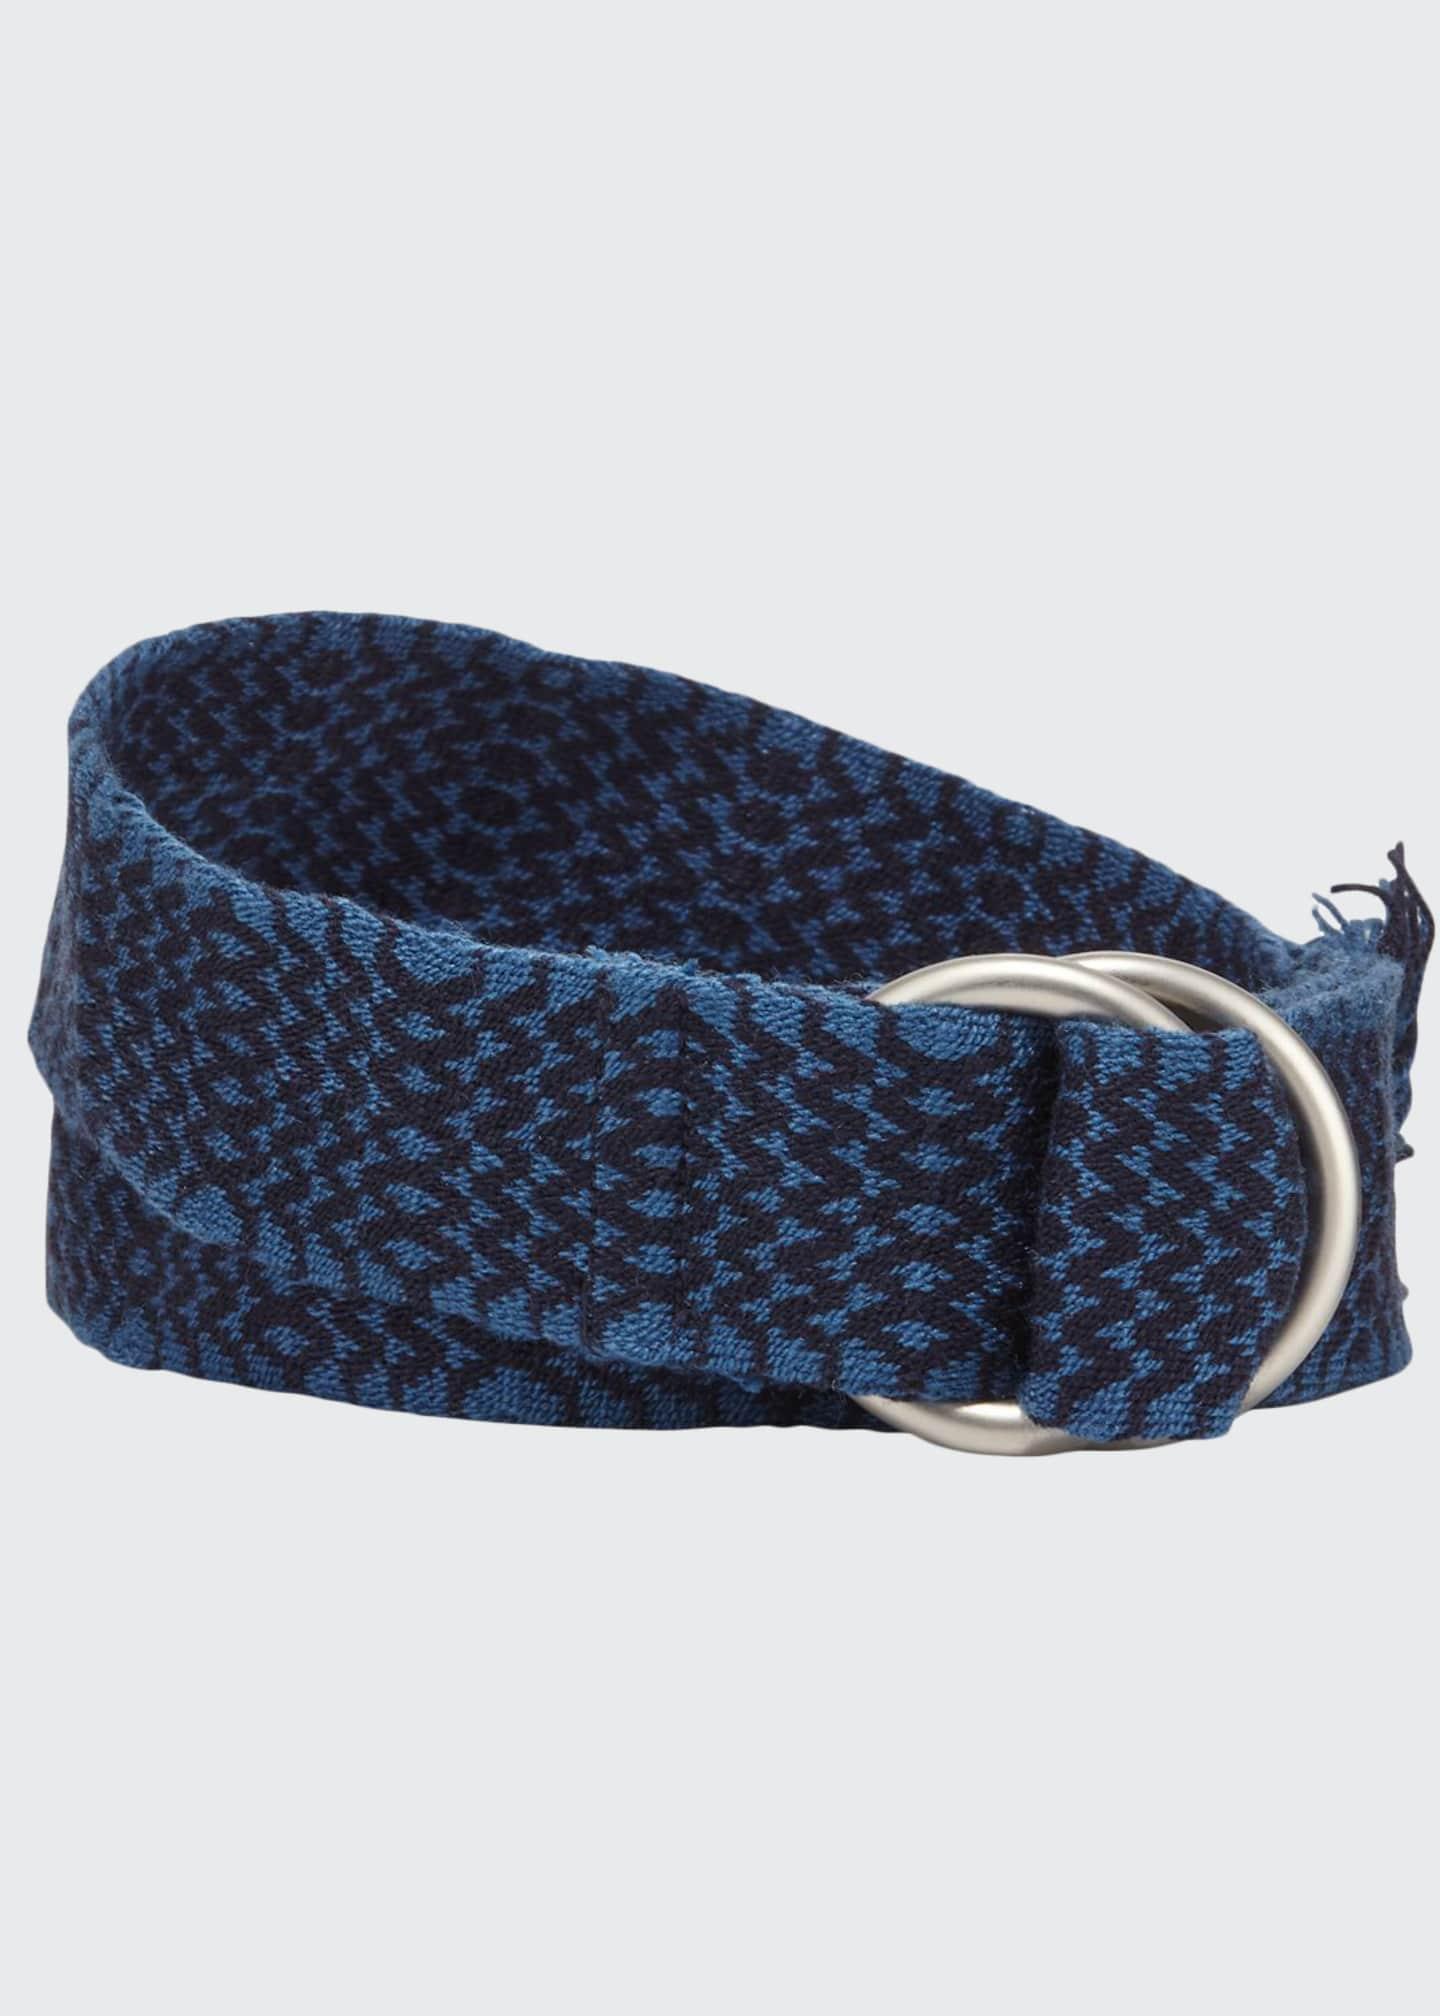 Guanabana Handmade Men's Double D-Ring Chevron Belt, Blue